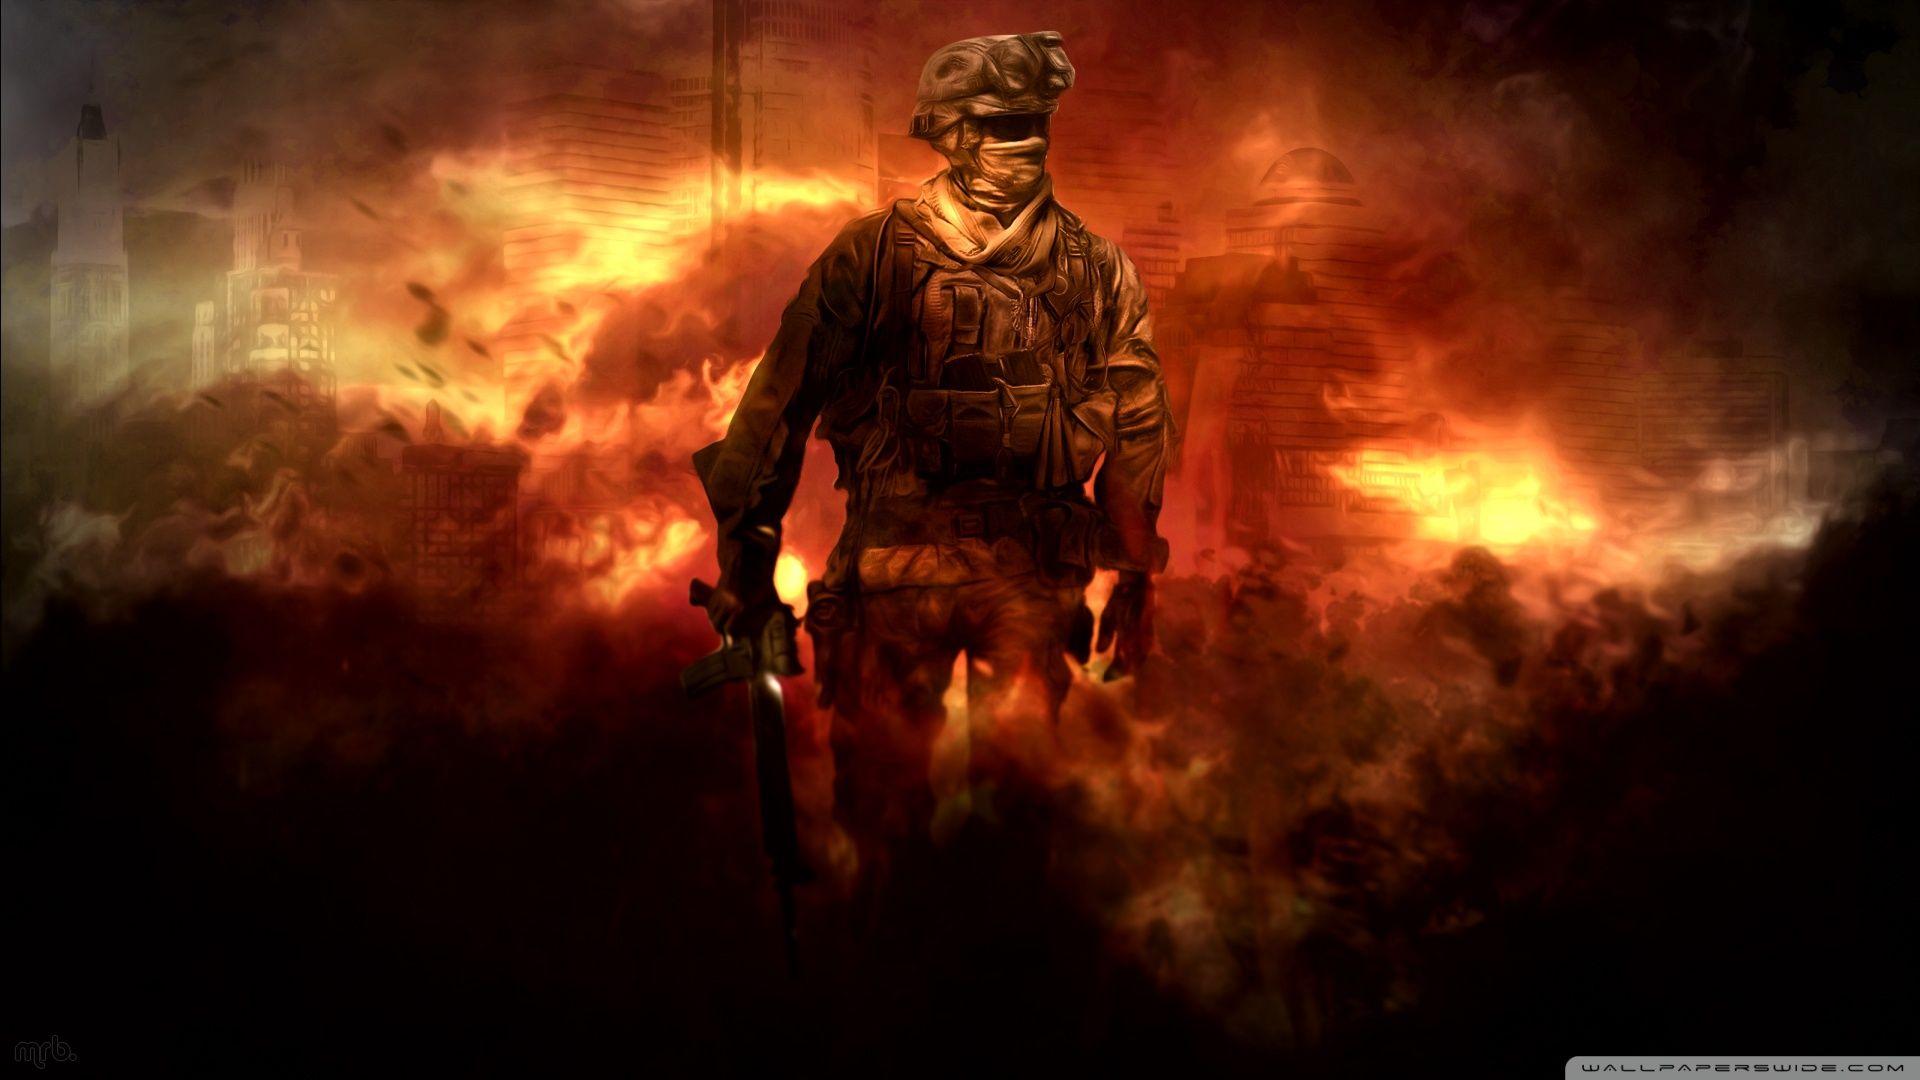 Call Of Duty Modern Warfare 2 HD Desktop Wallpaper Widescreen